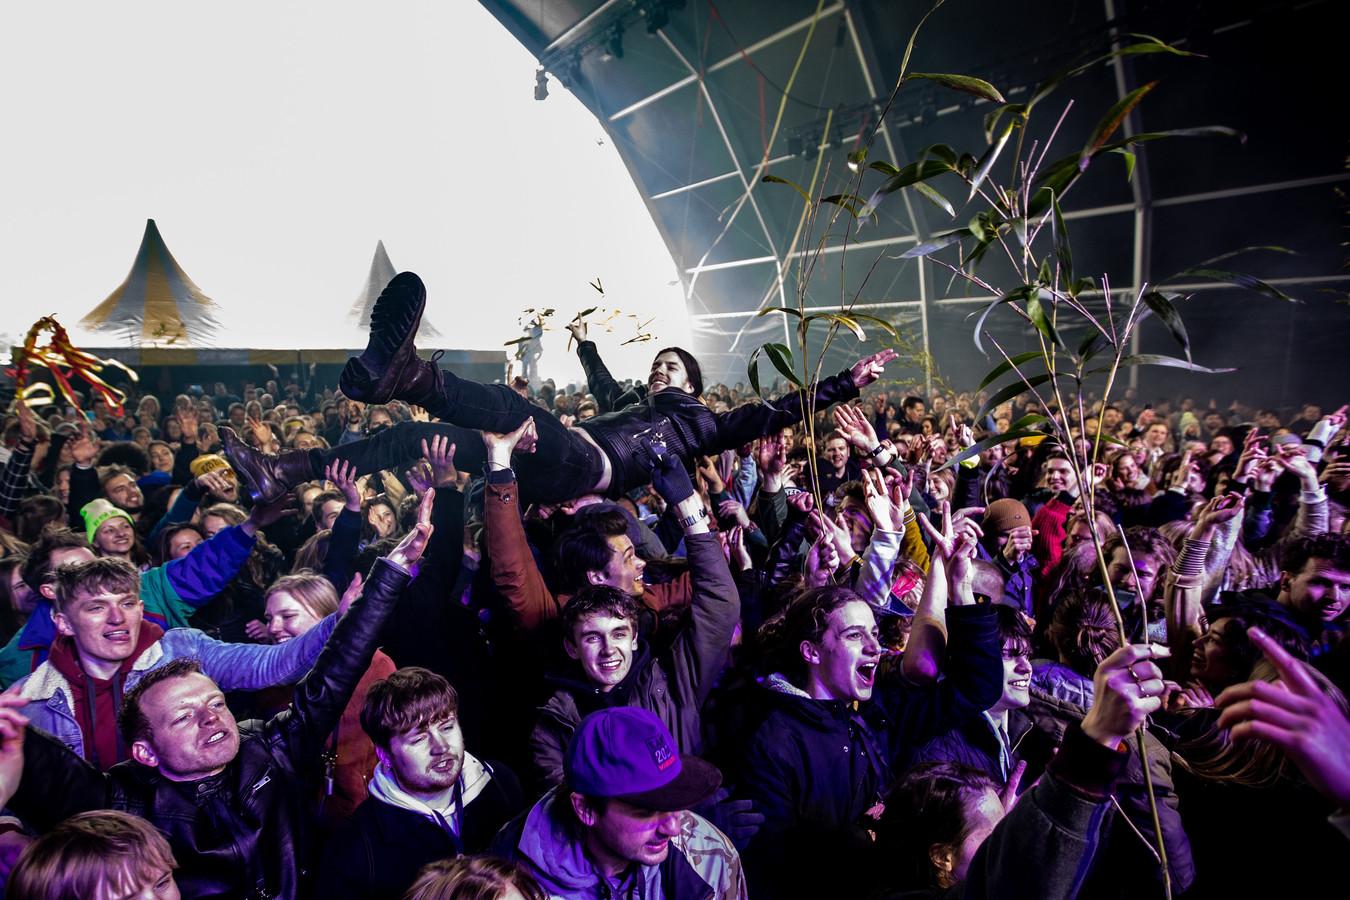 Een crowdsurfende bezoeker tijdens een optreden van de Nederlandse rockband De Staat op popfestival Back To Live in Biddinghuizen, afgelopen maart. Het evenement valt onder een reeks van proefevenementen waarbij Fieldlab onderzoekt hoe grote evenementen veilig kunnen plaatsvinden in coronatijd.